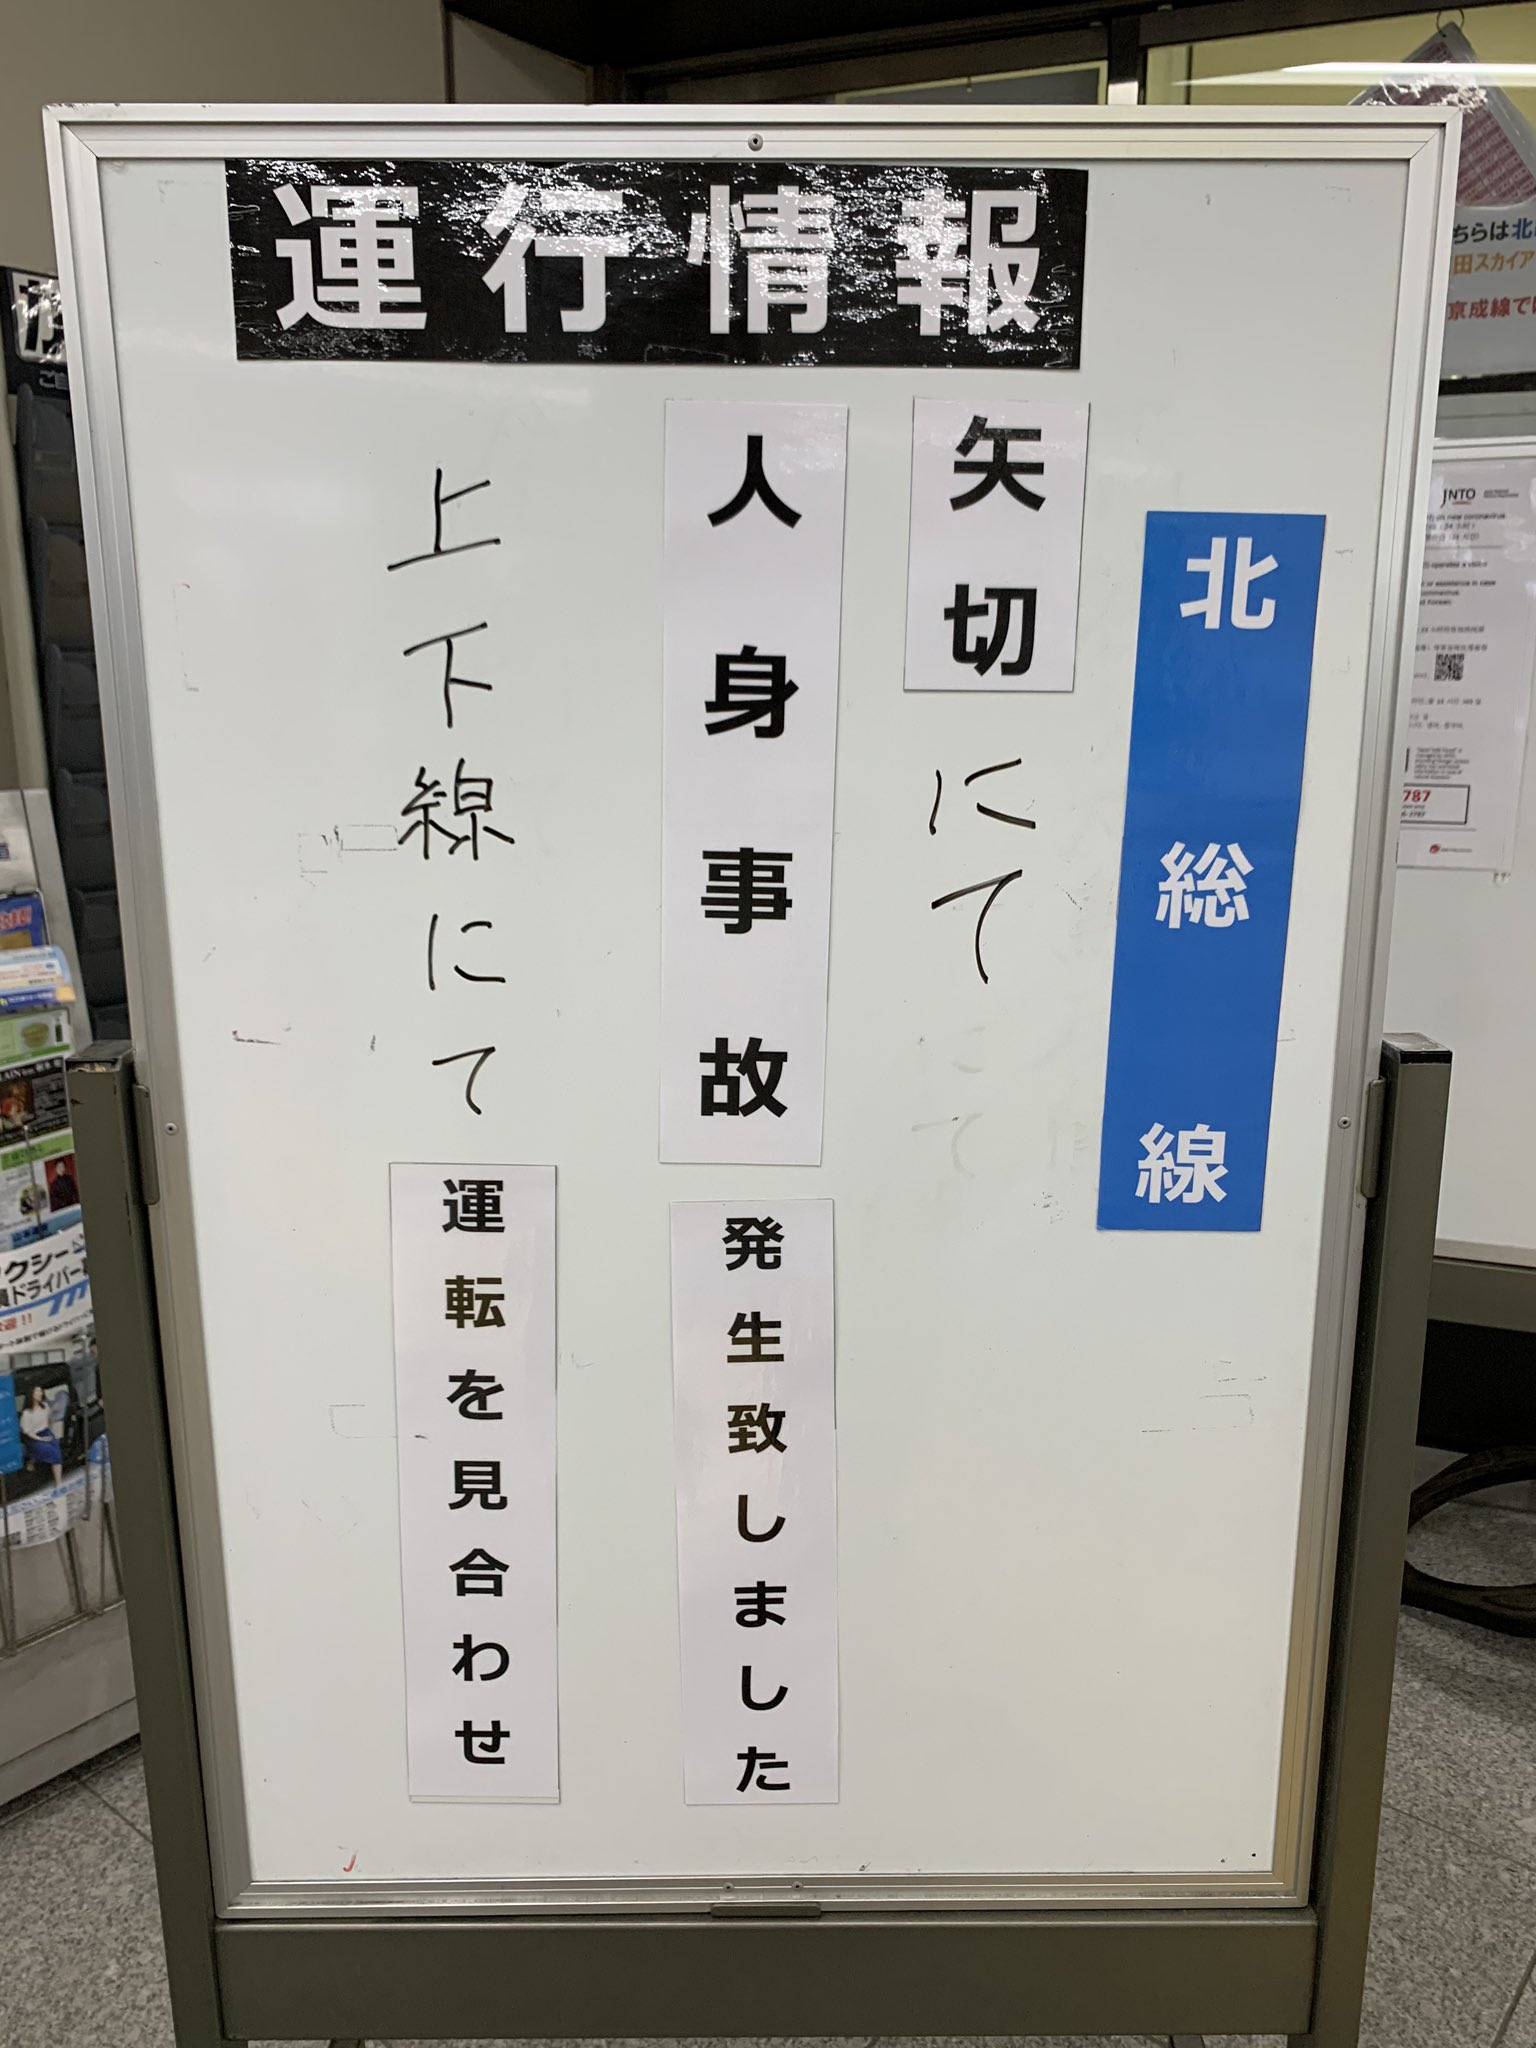 画像,北総線矢切駅で人身事故上下線で運転見合わせ2020年2月14日9時21分現在 https://t.co/T2vaNG45Me…